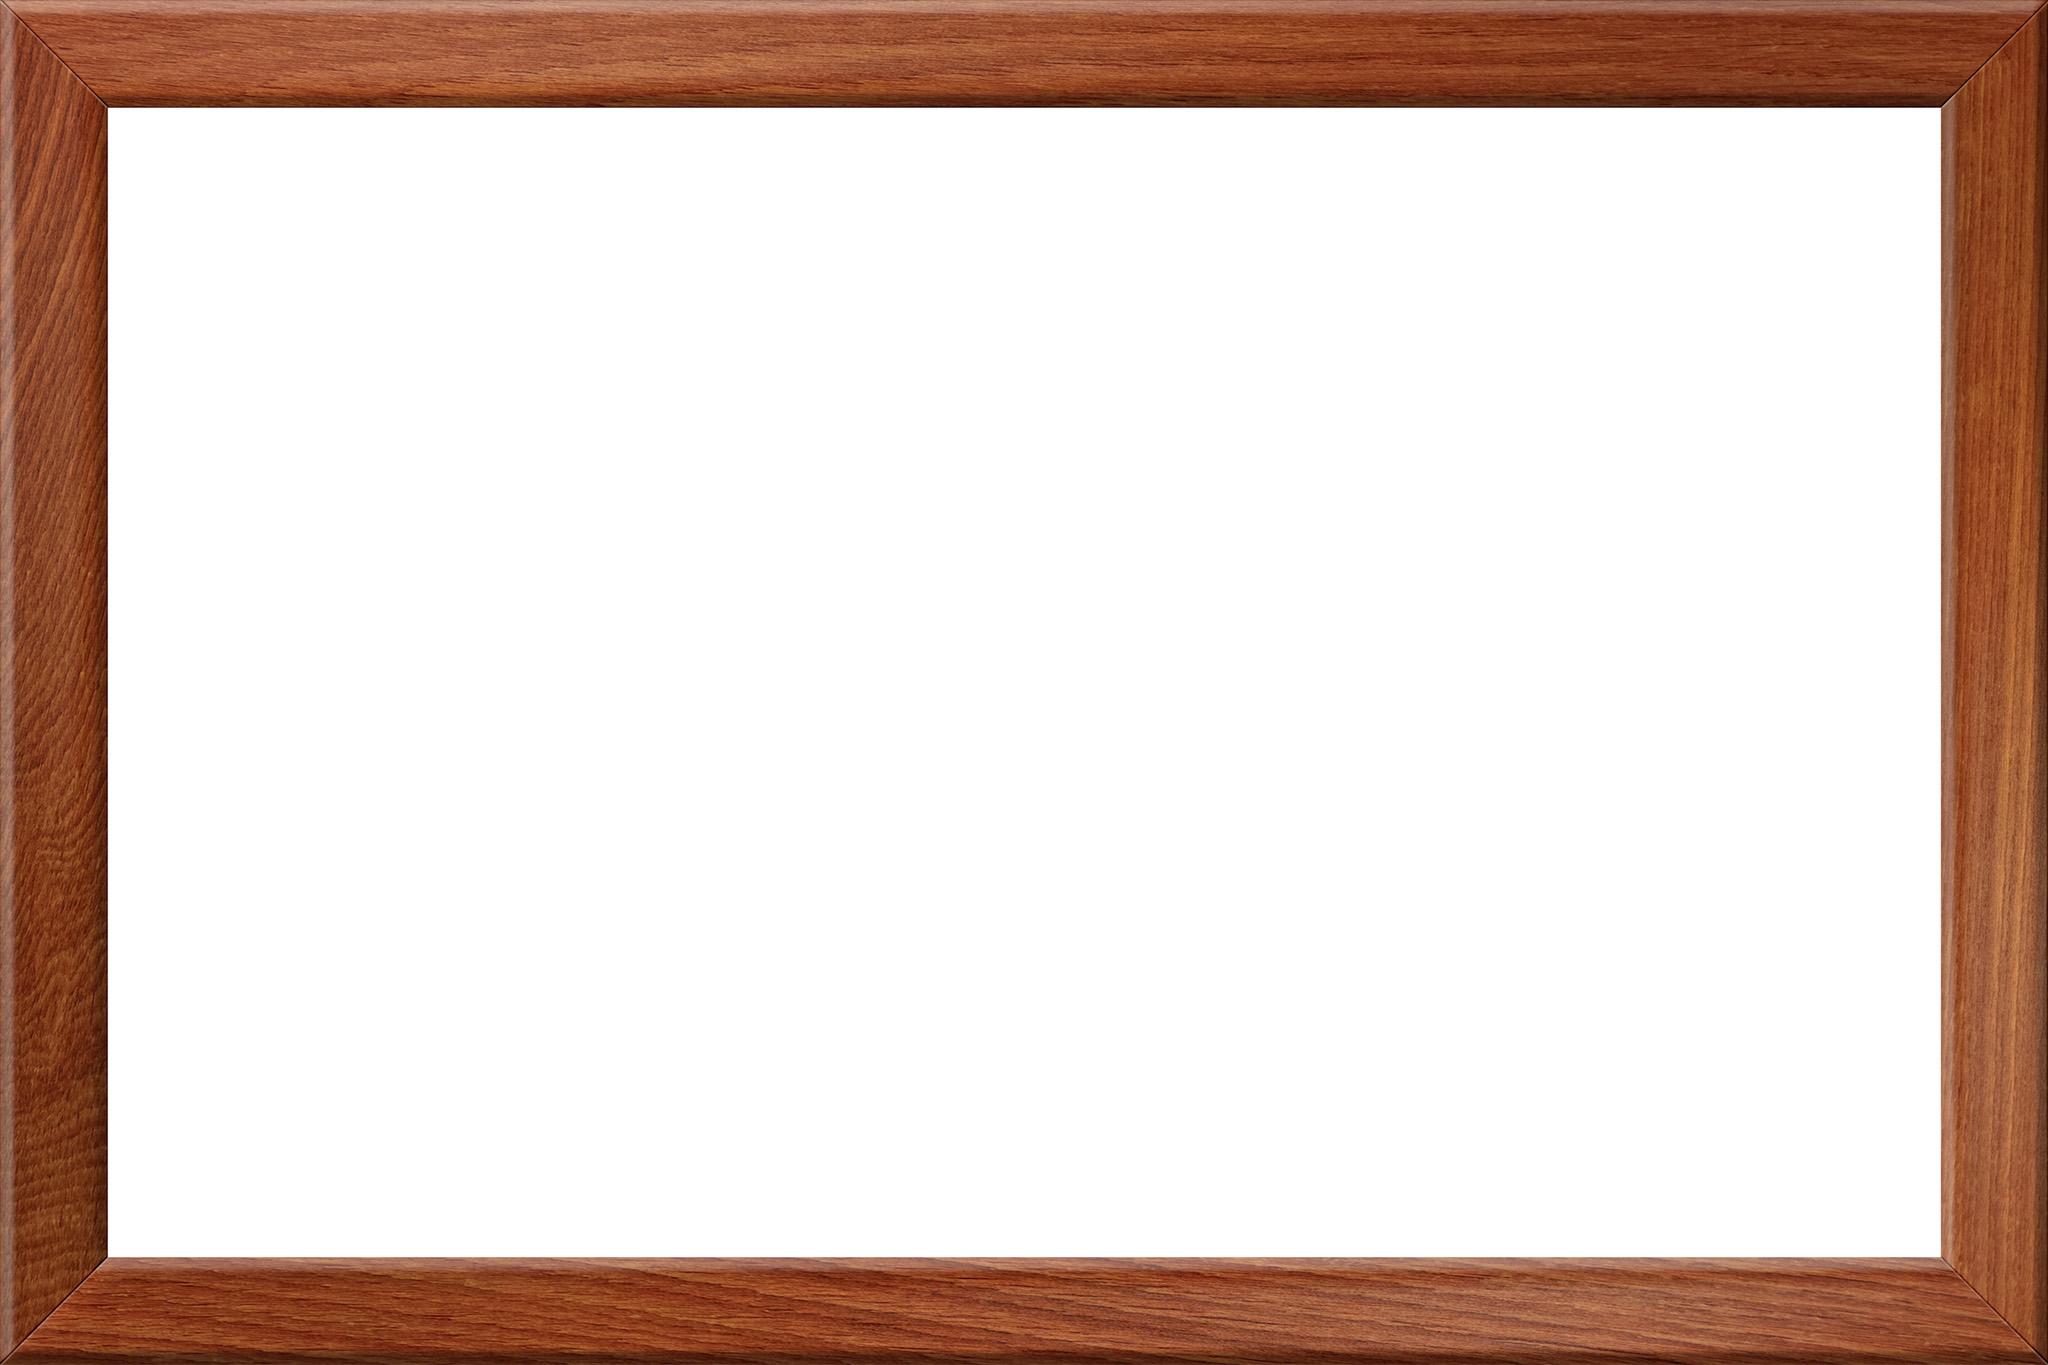 「落ち着いた雰囲気の木製額」